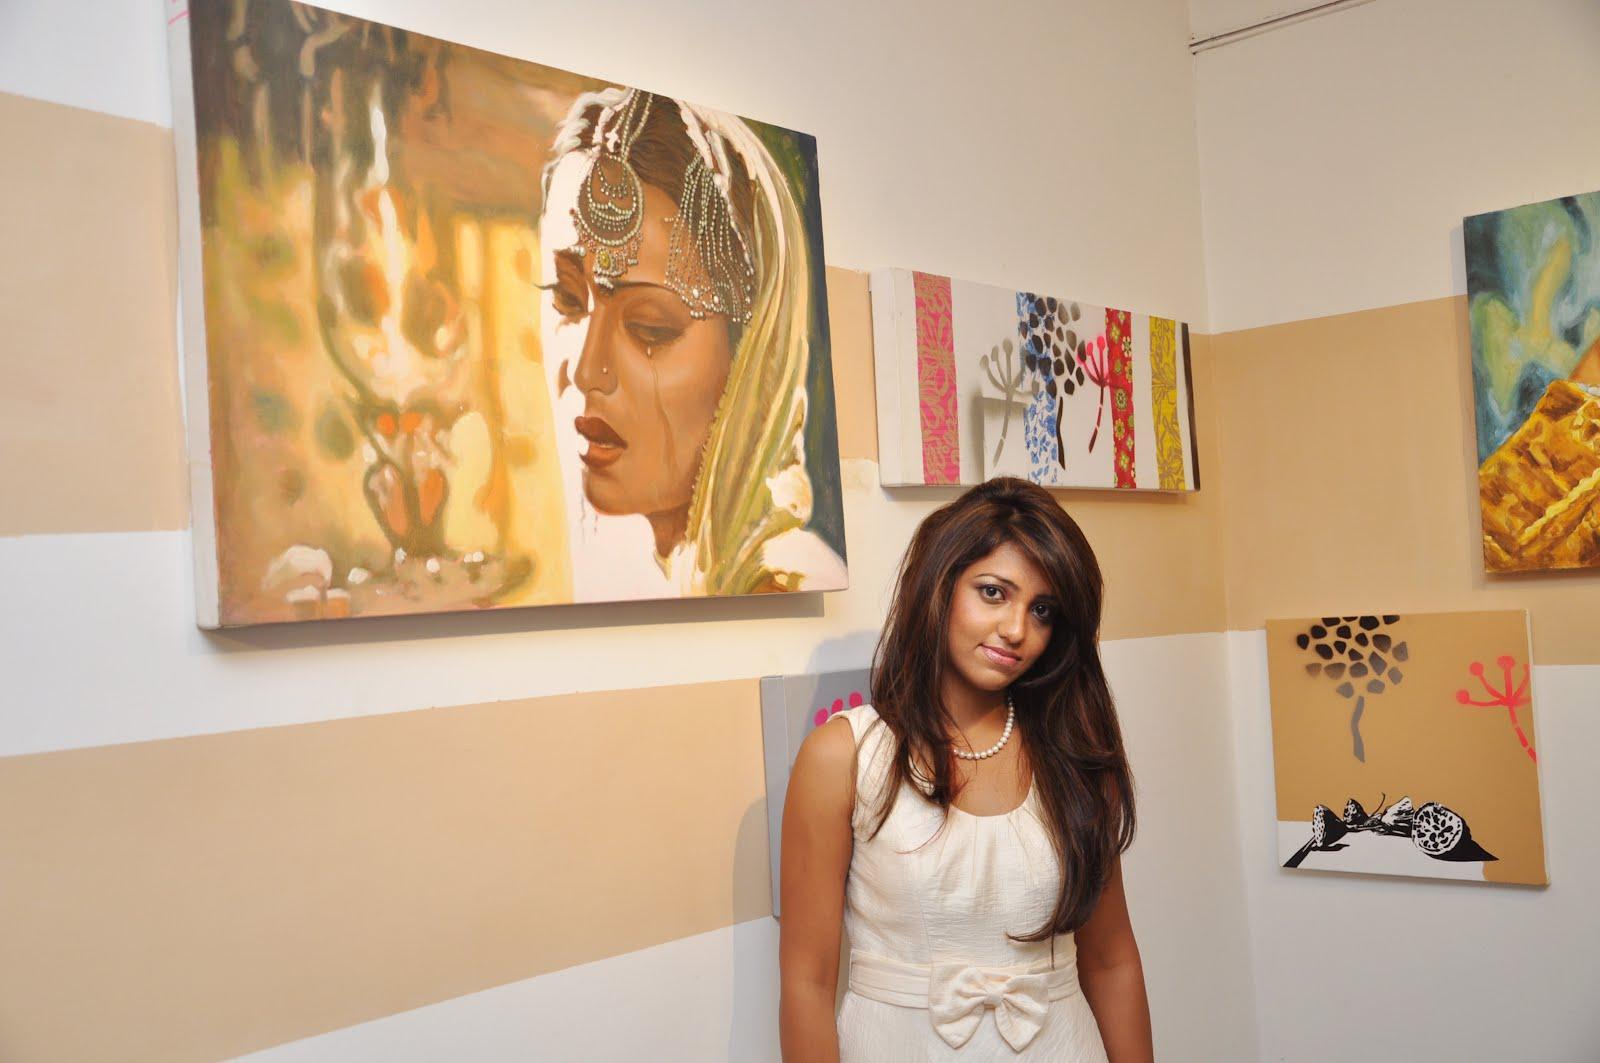 exhibition set up hindi translation